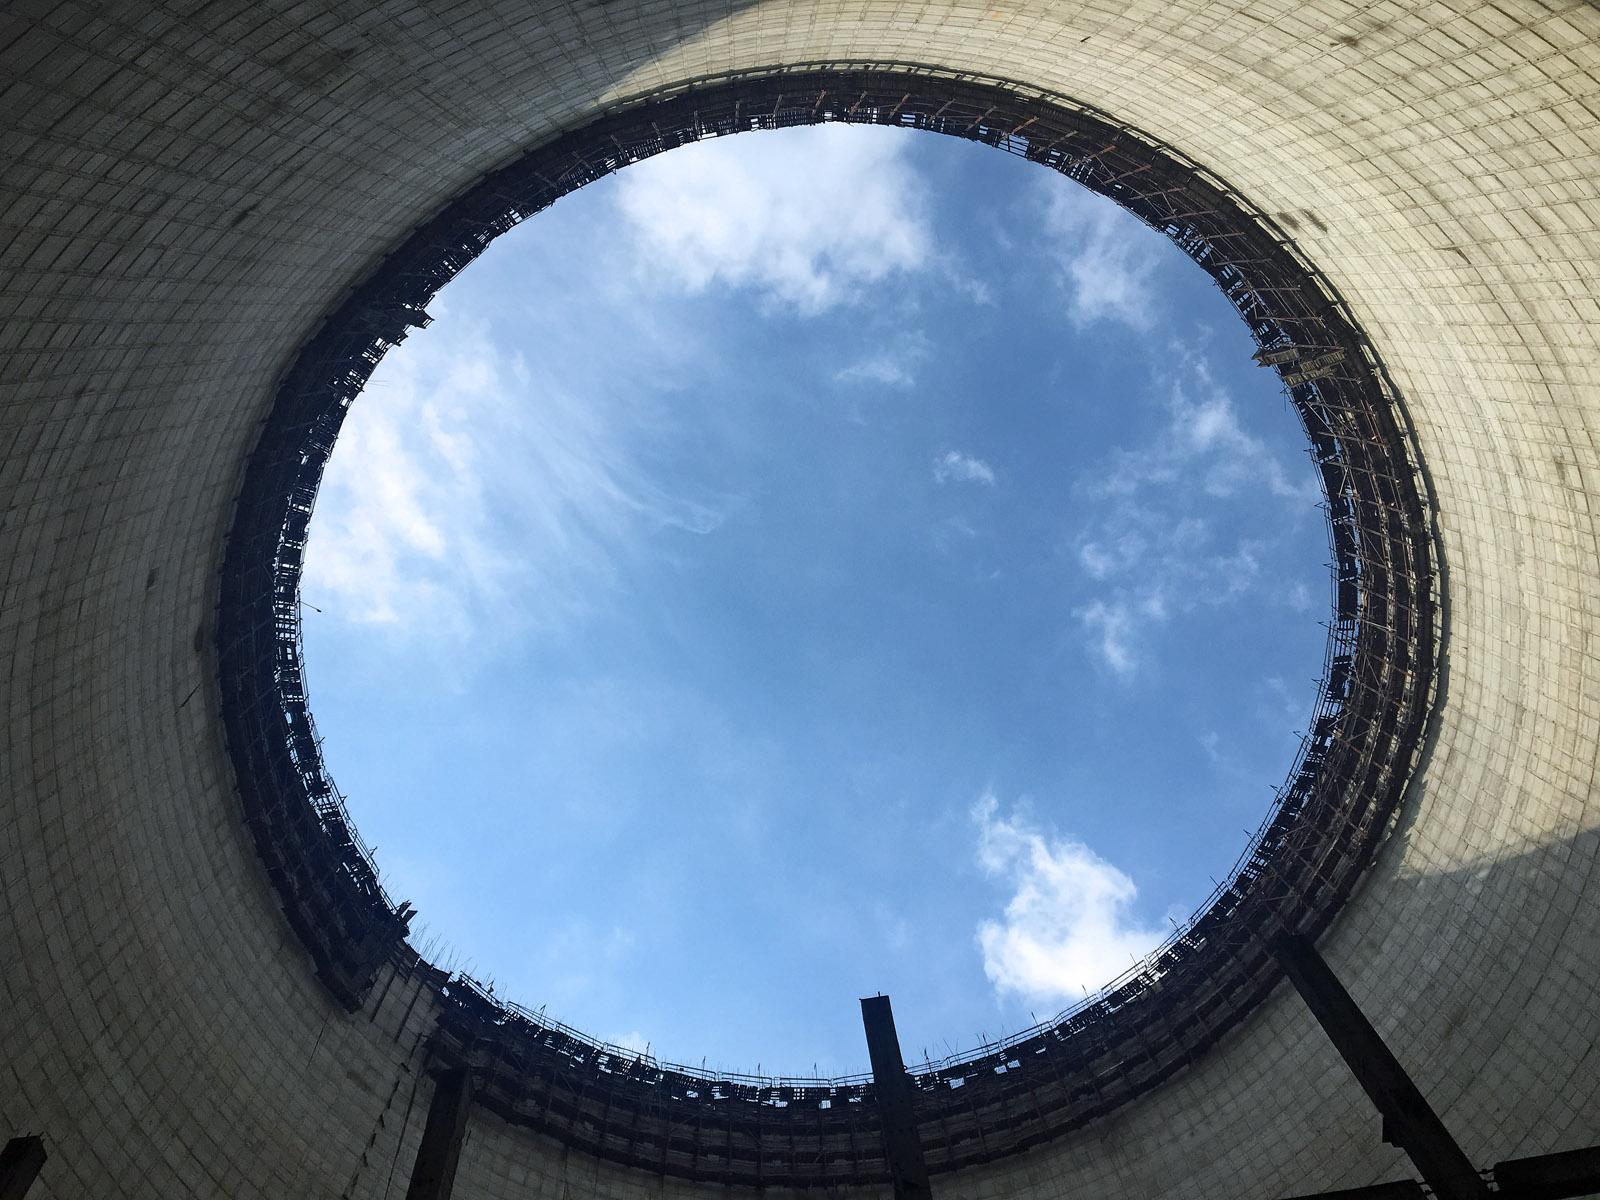 Kühlturm Tschernobyl